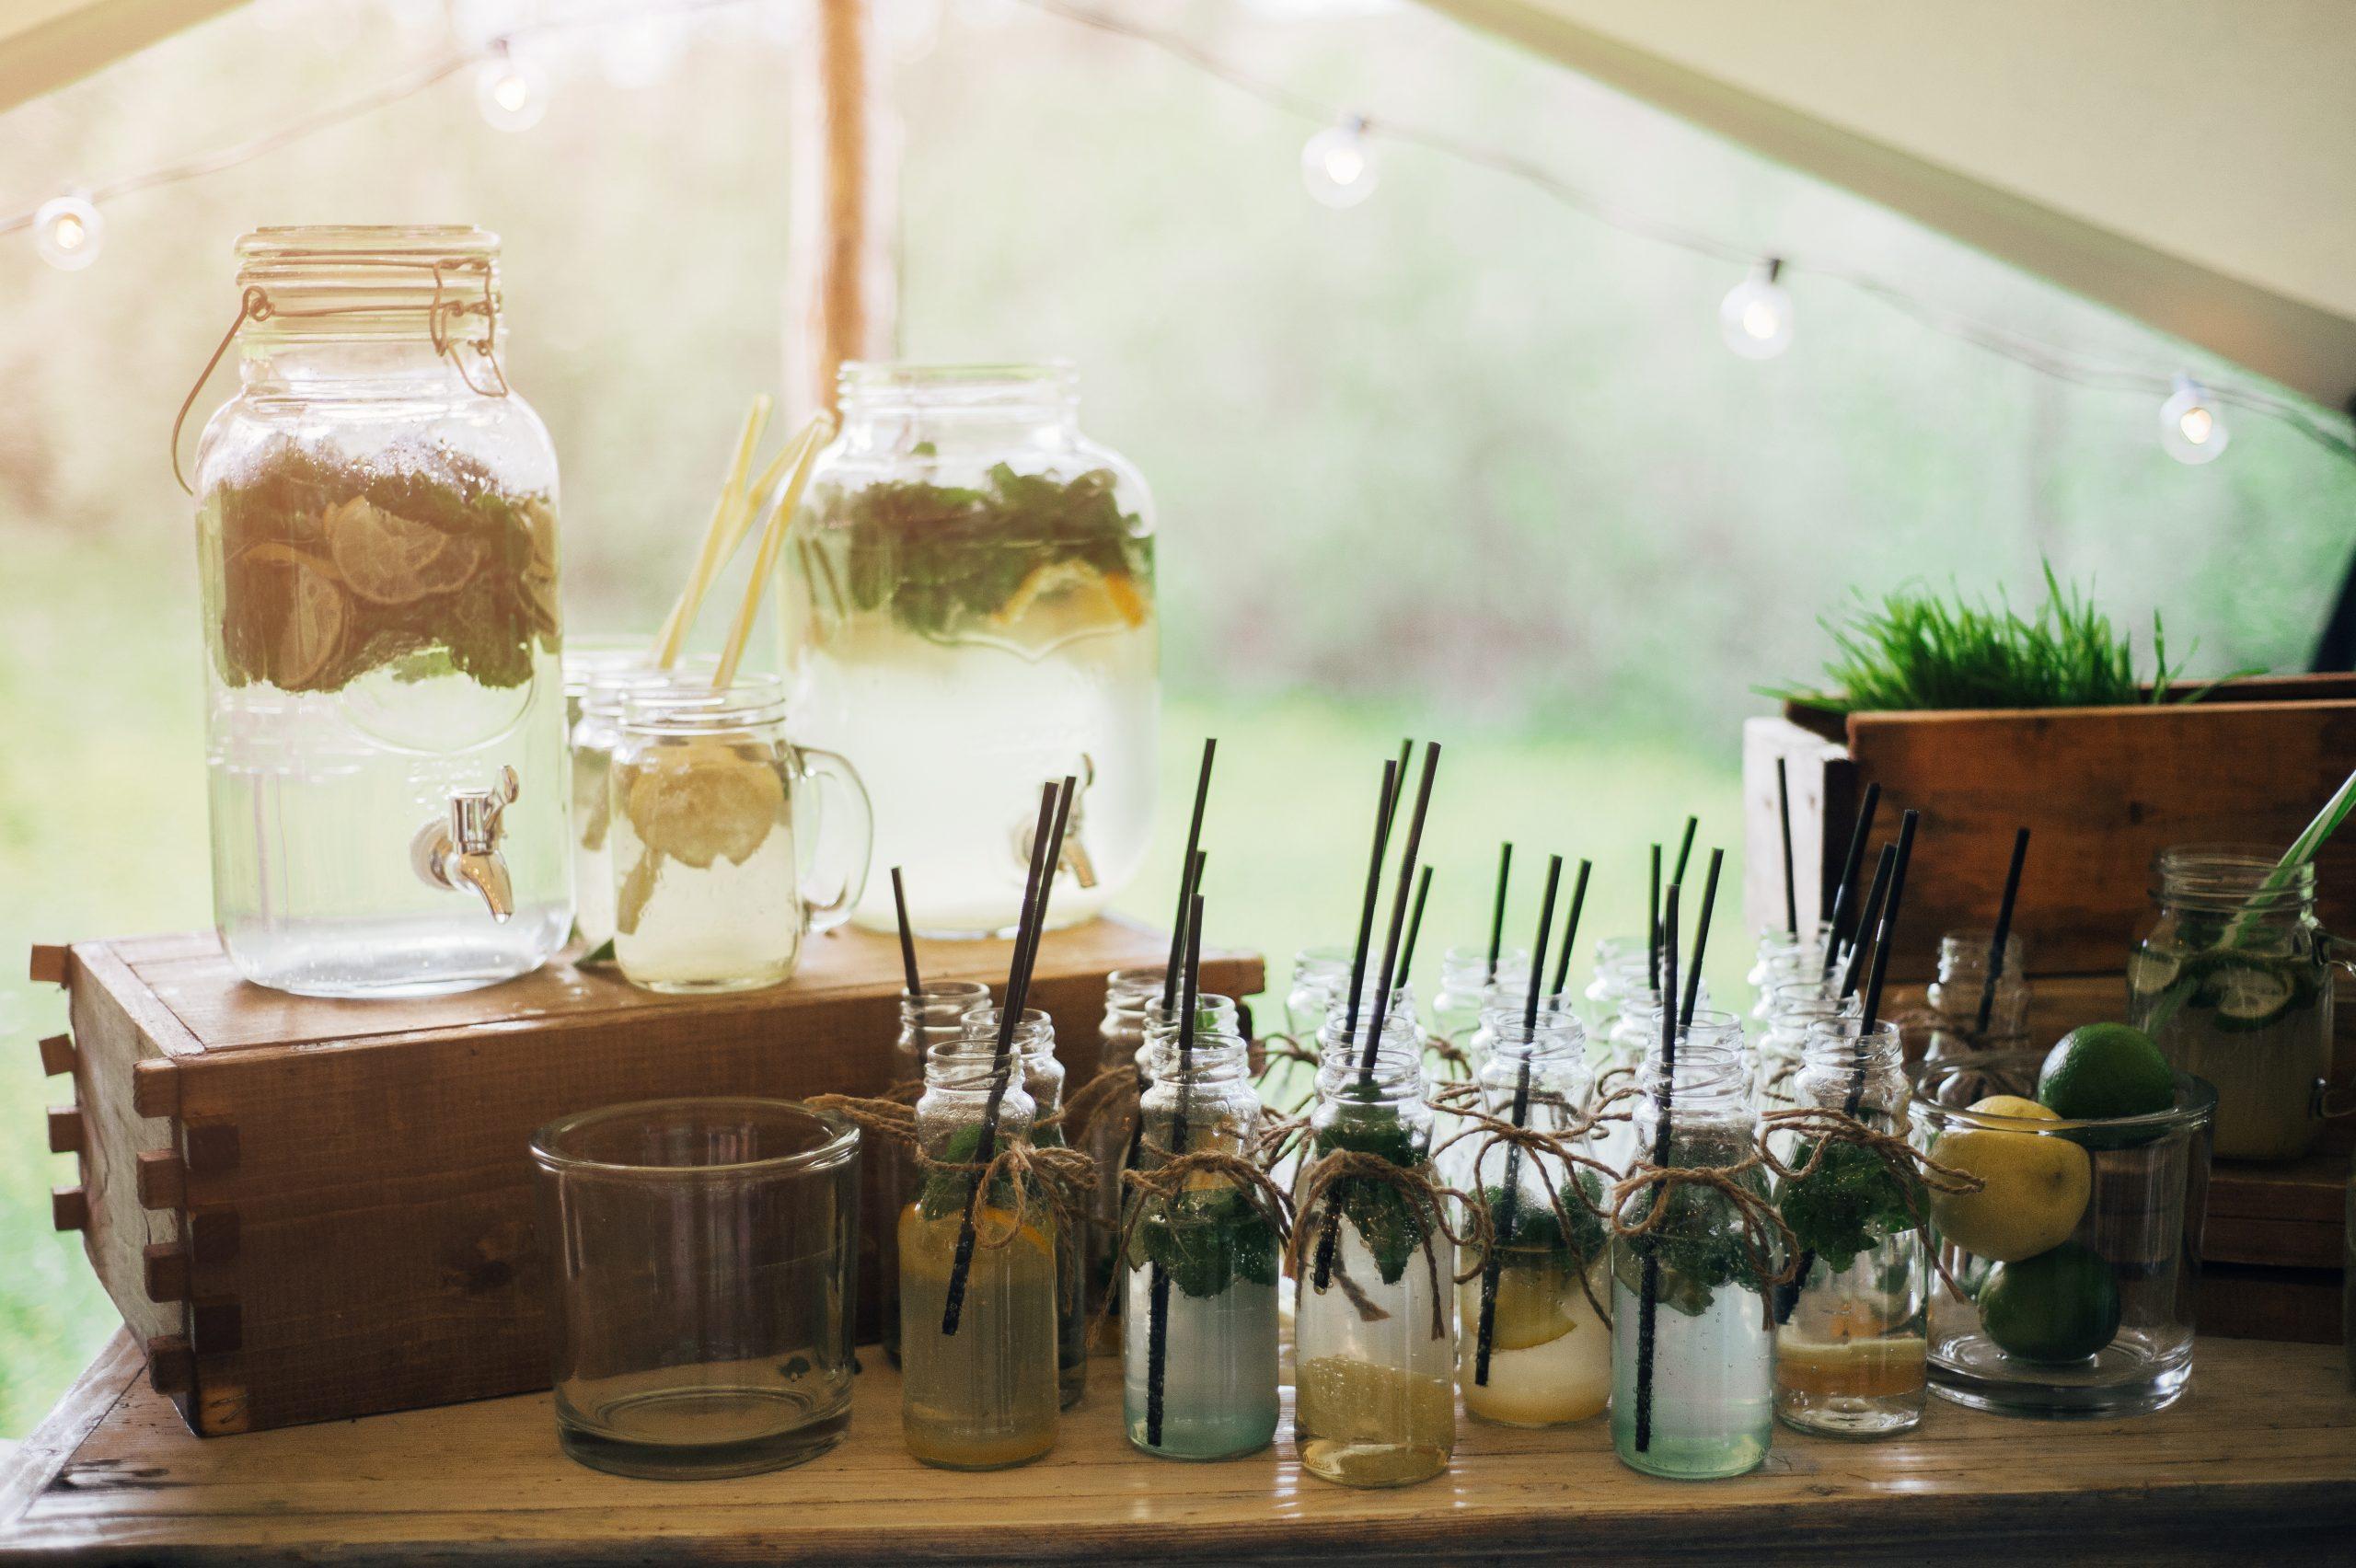 Les limonades home made sont le must lors de journée très chaudes. elles vous accompagneront durant votre réception.